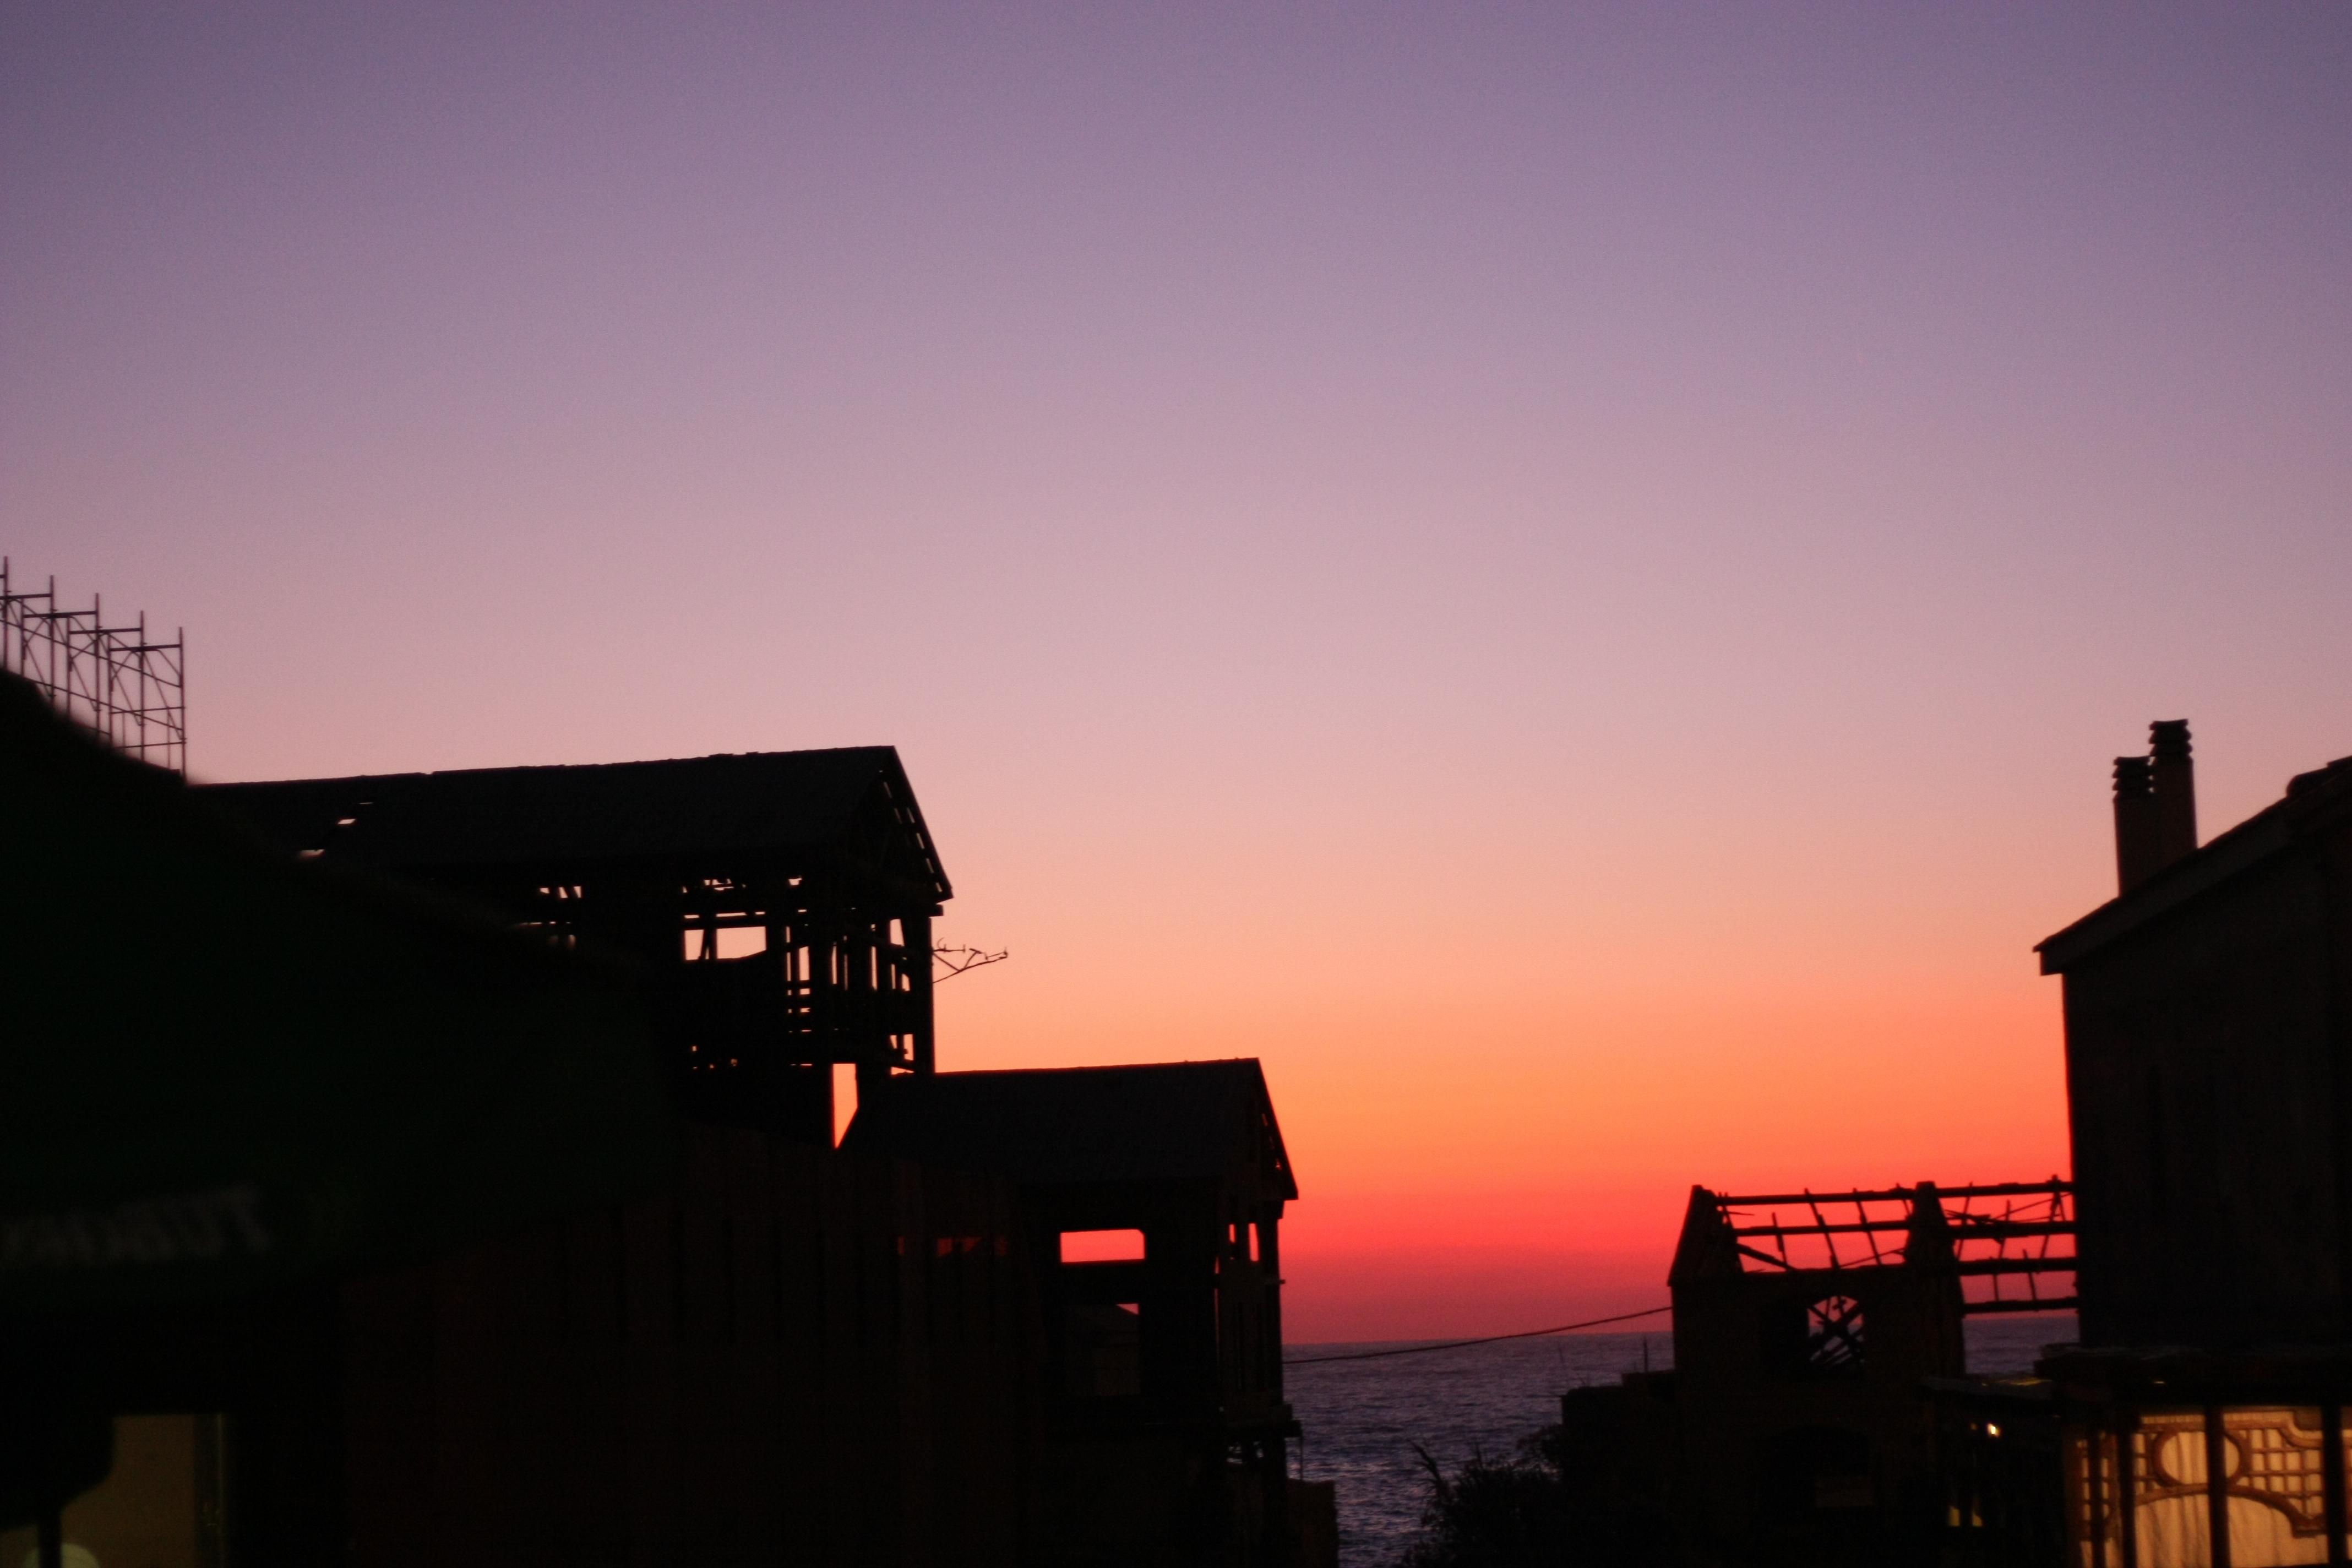 Argentiera antico borgo di minatori comune di Sassare Festival Sulla terra leggeri dal 25 luglio al 27 luglio 2014